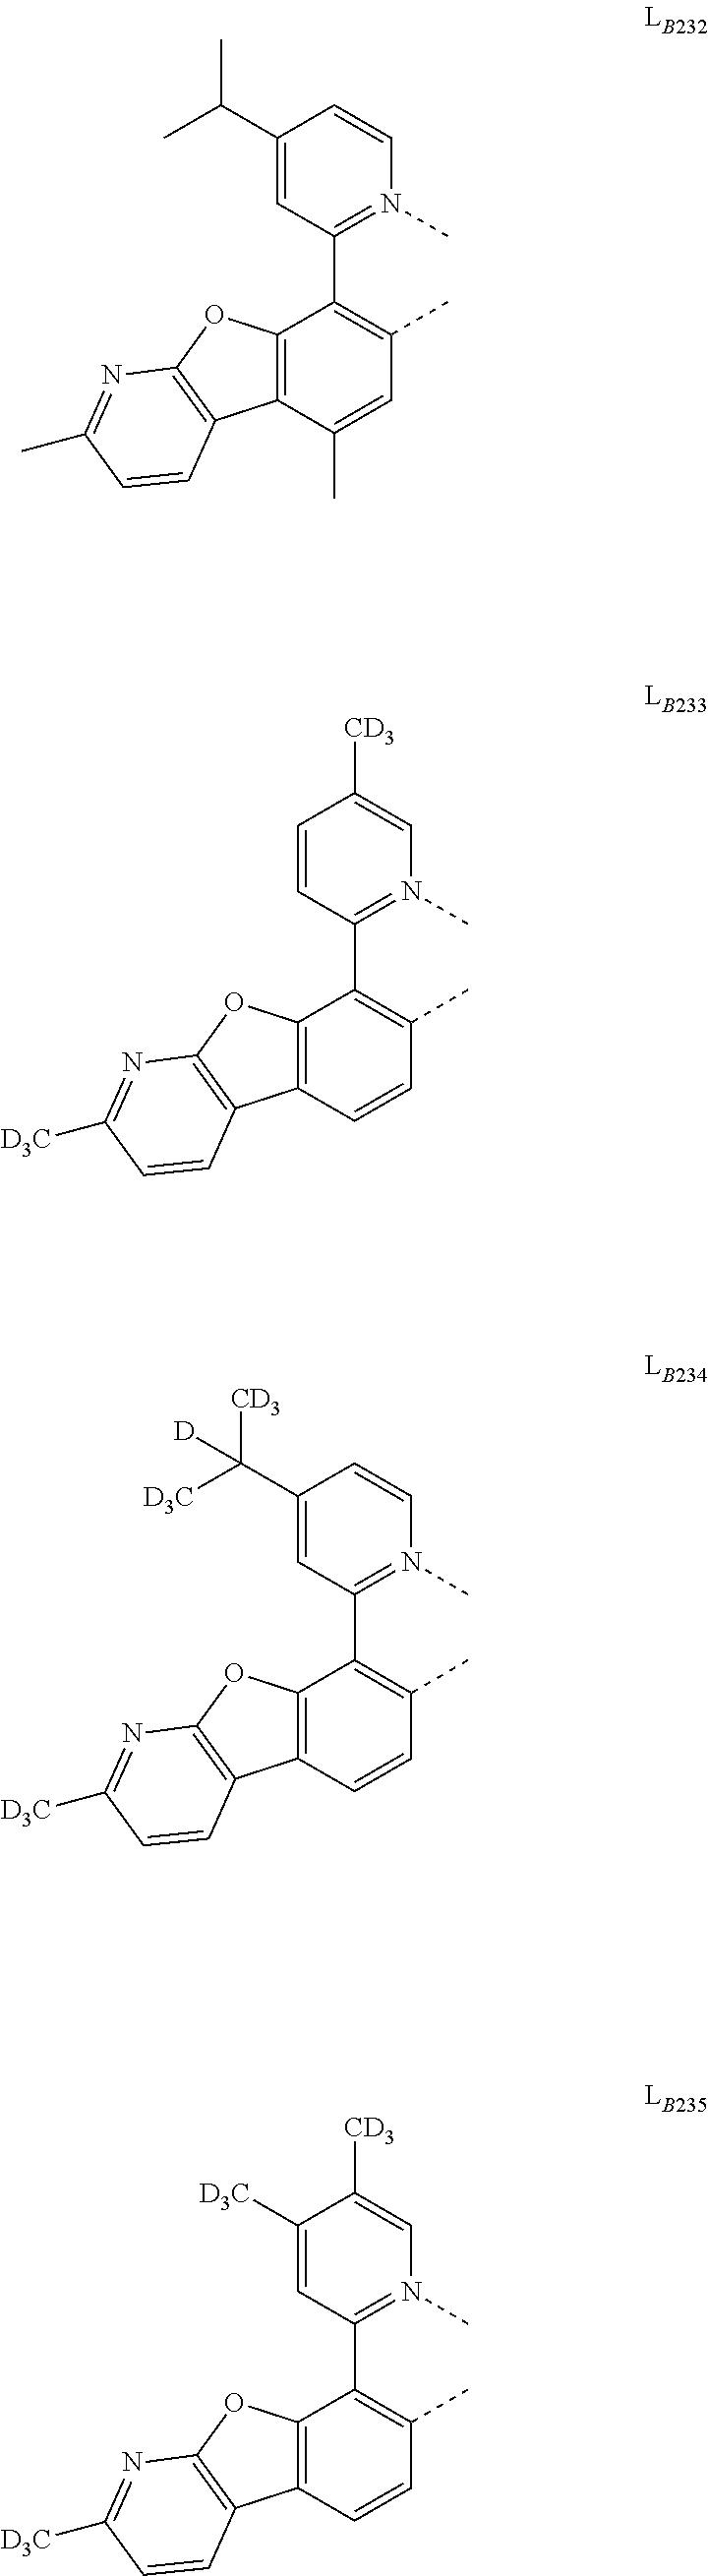 Figure US09929360-20180327-C00089